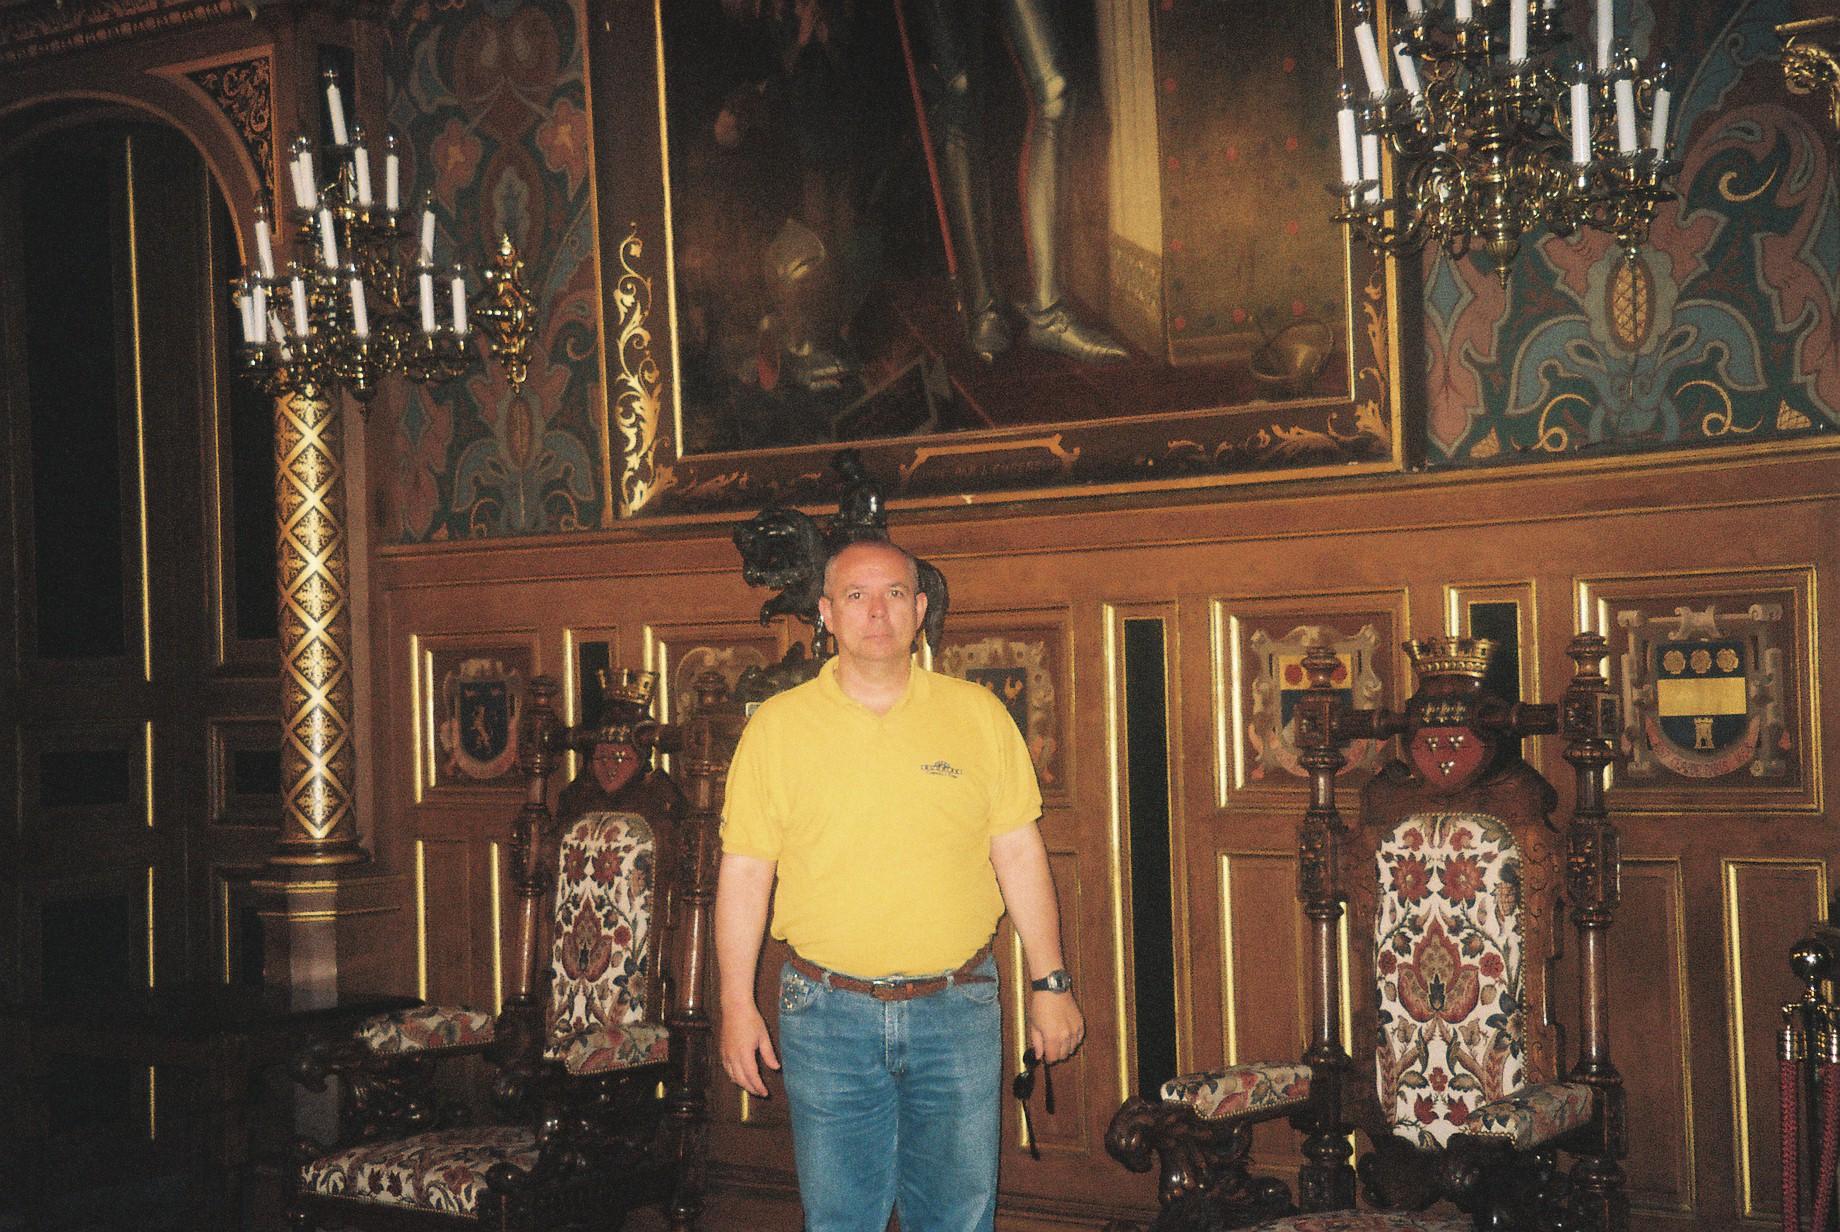 Orleans hotel Groslot Pedro aug07